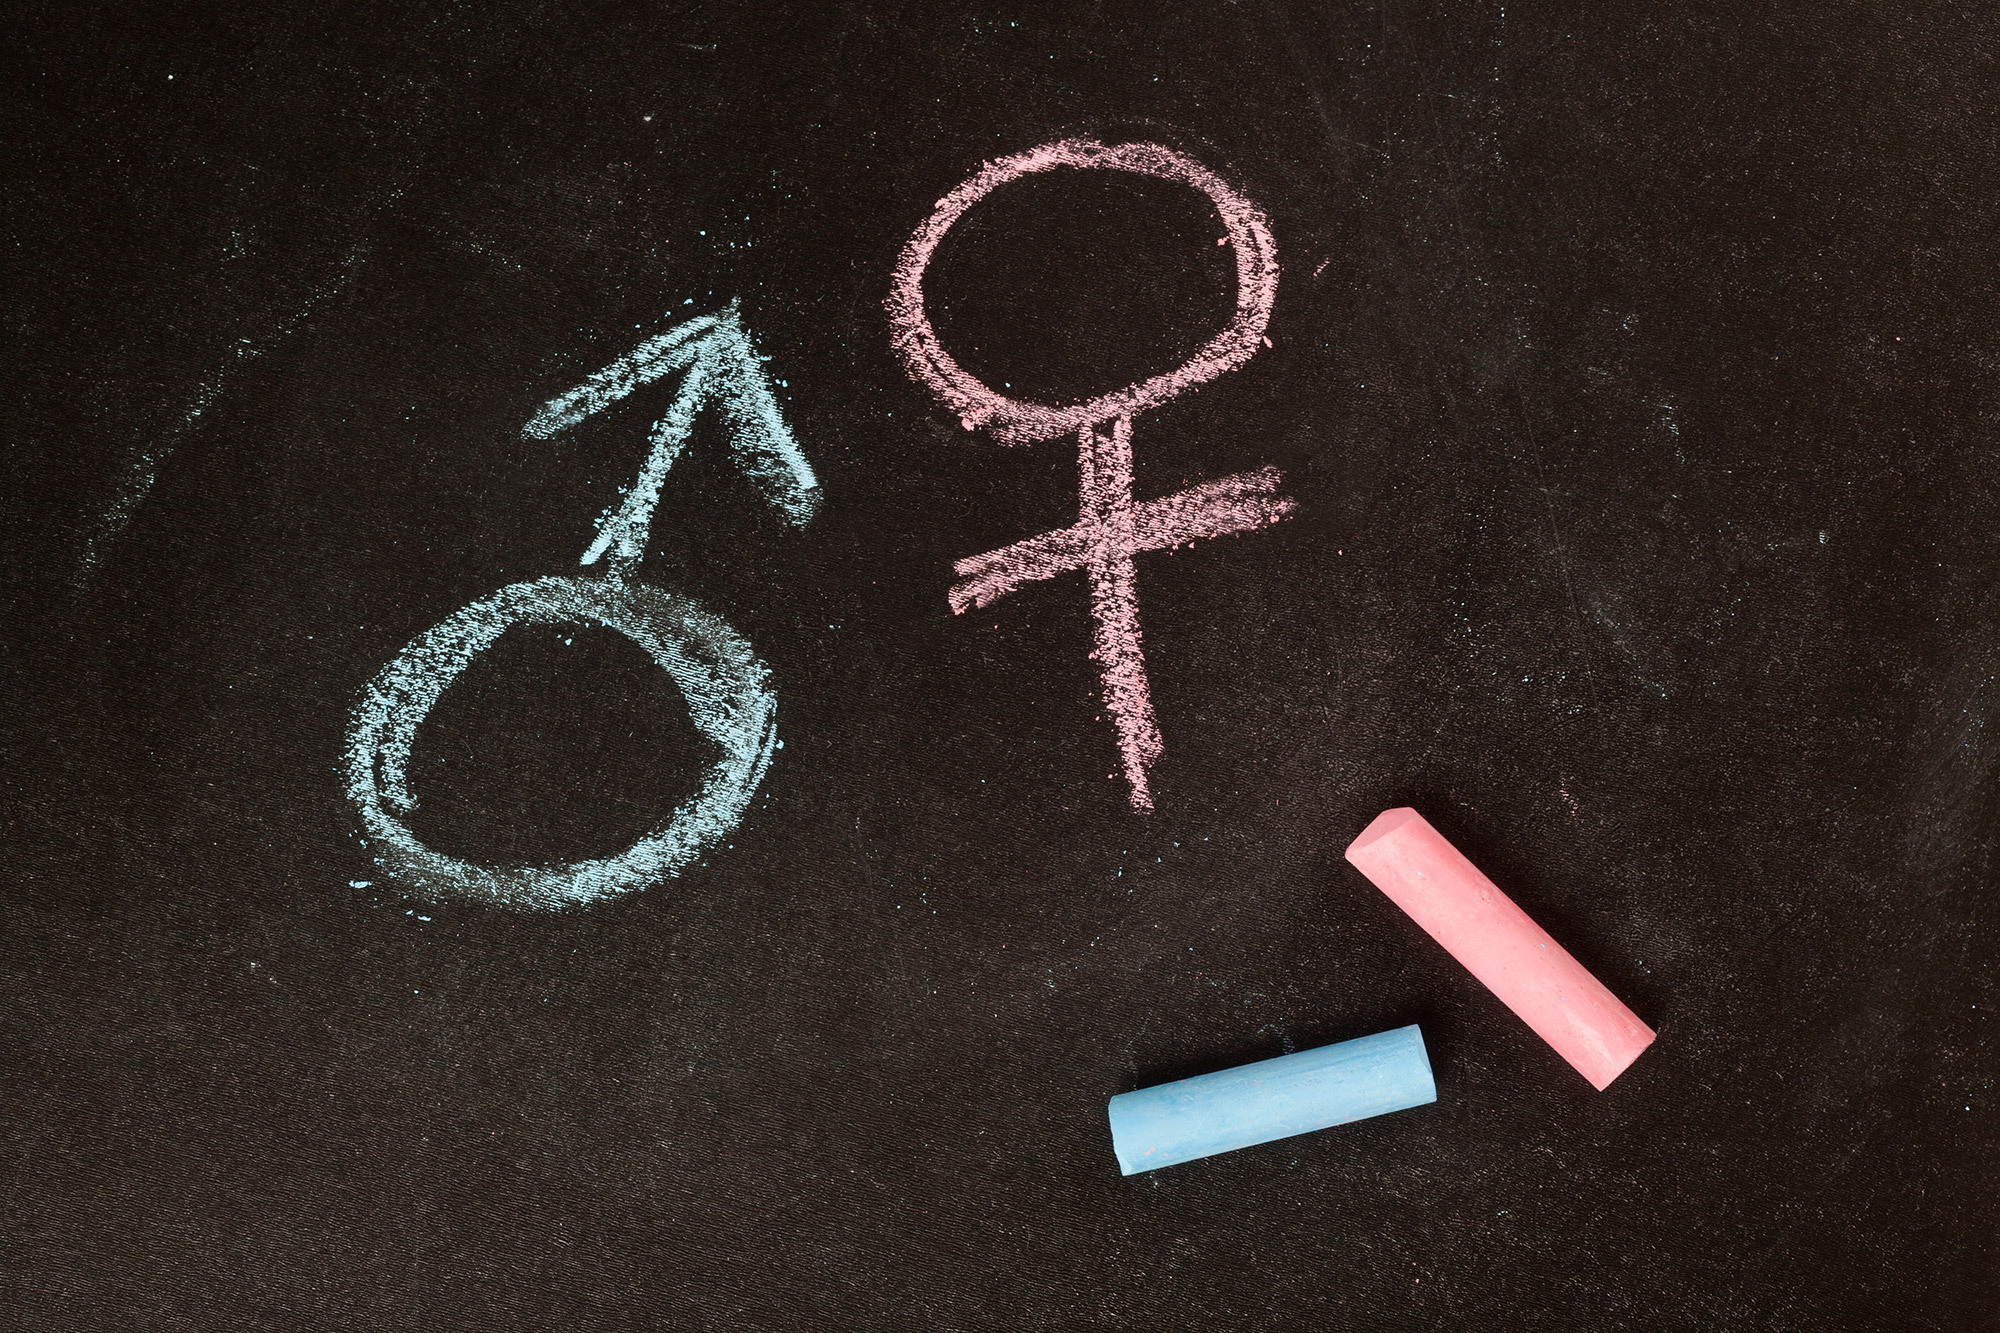 ข้อควรรู้ ท้องก่อนวัยอันควร ผู้หญิง ยาคุมกำเนิด ยาฝังคุมกำเนิด